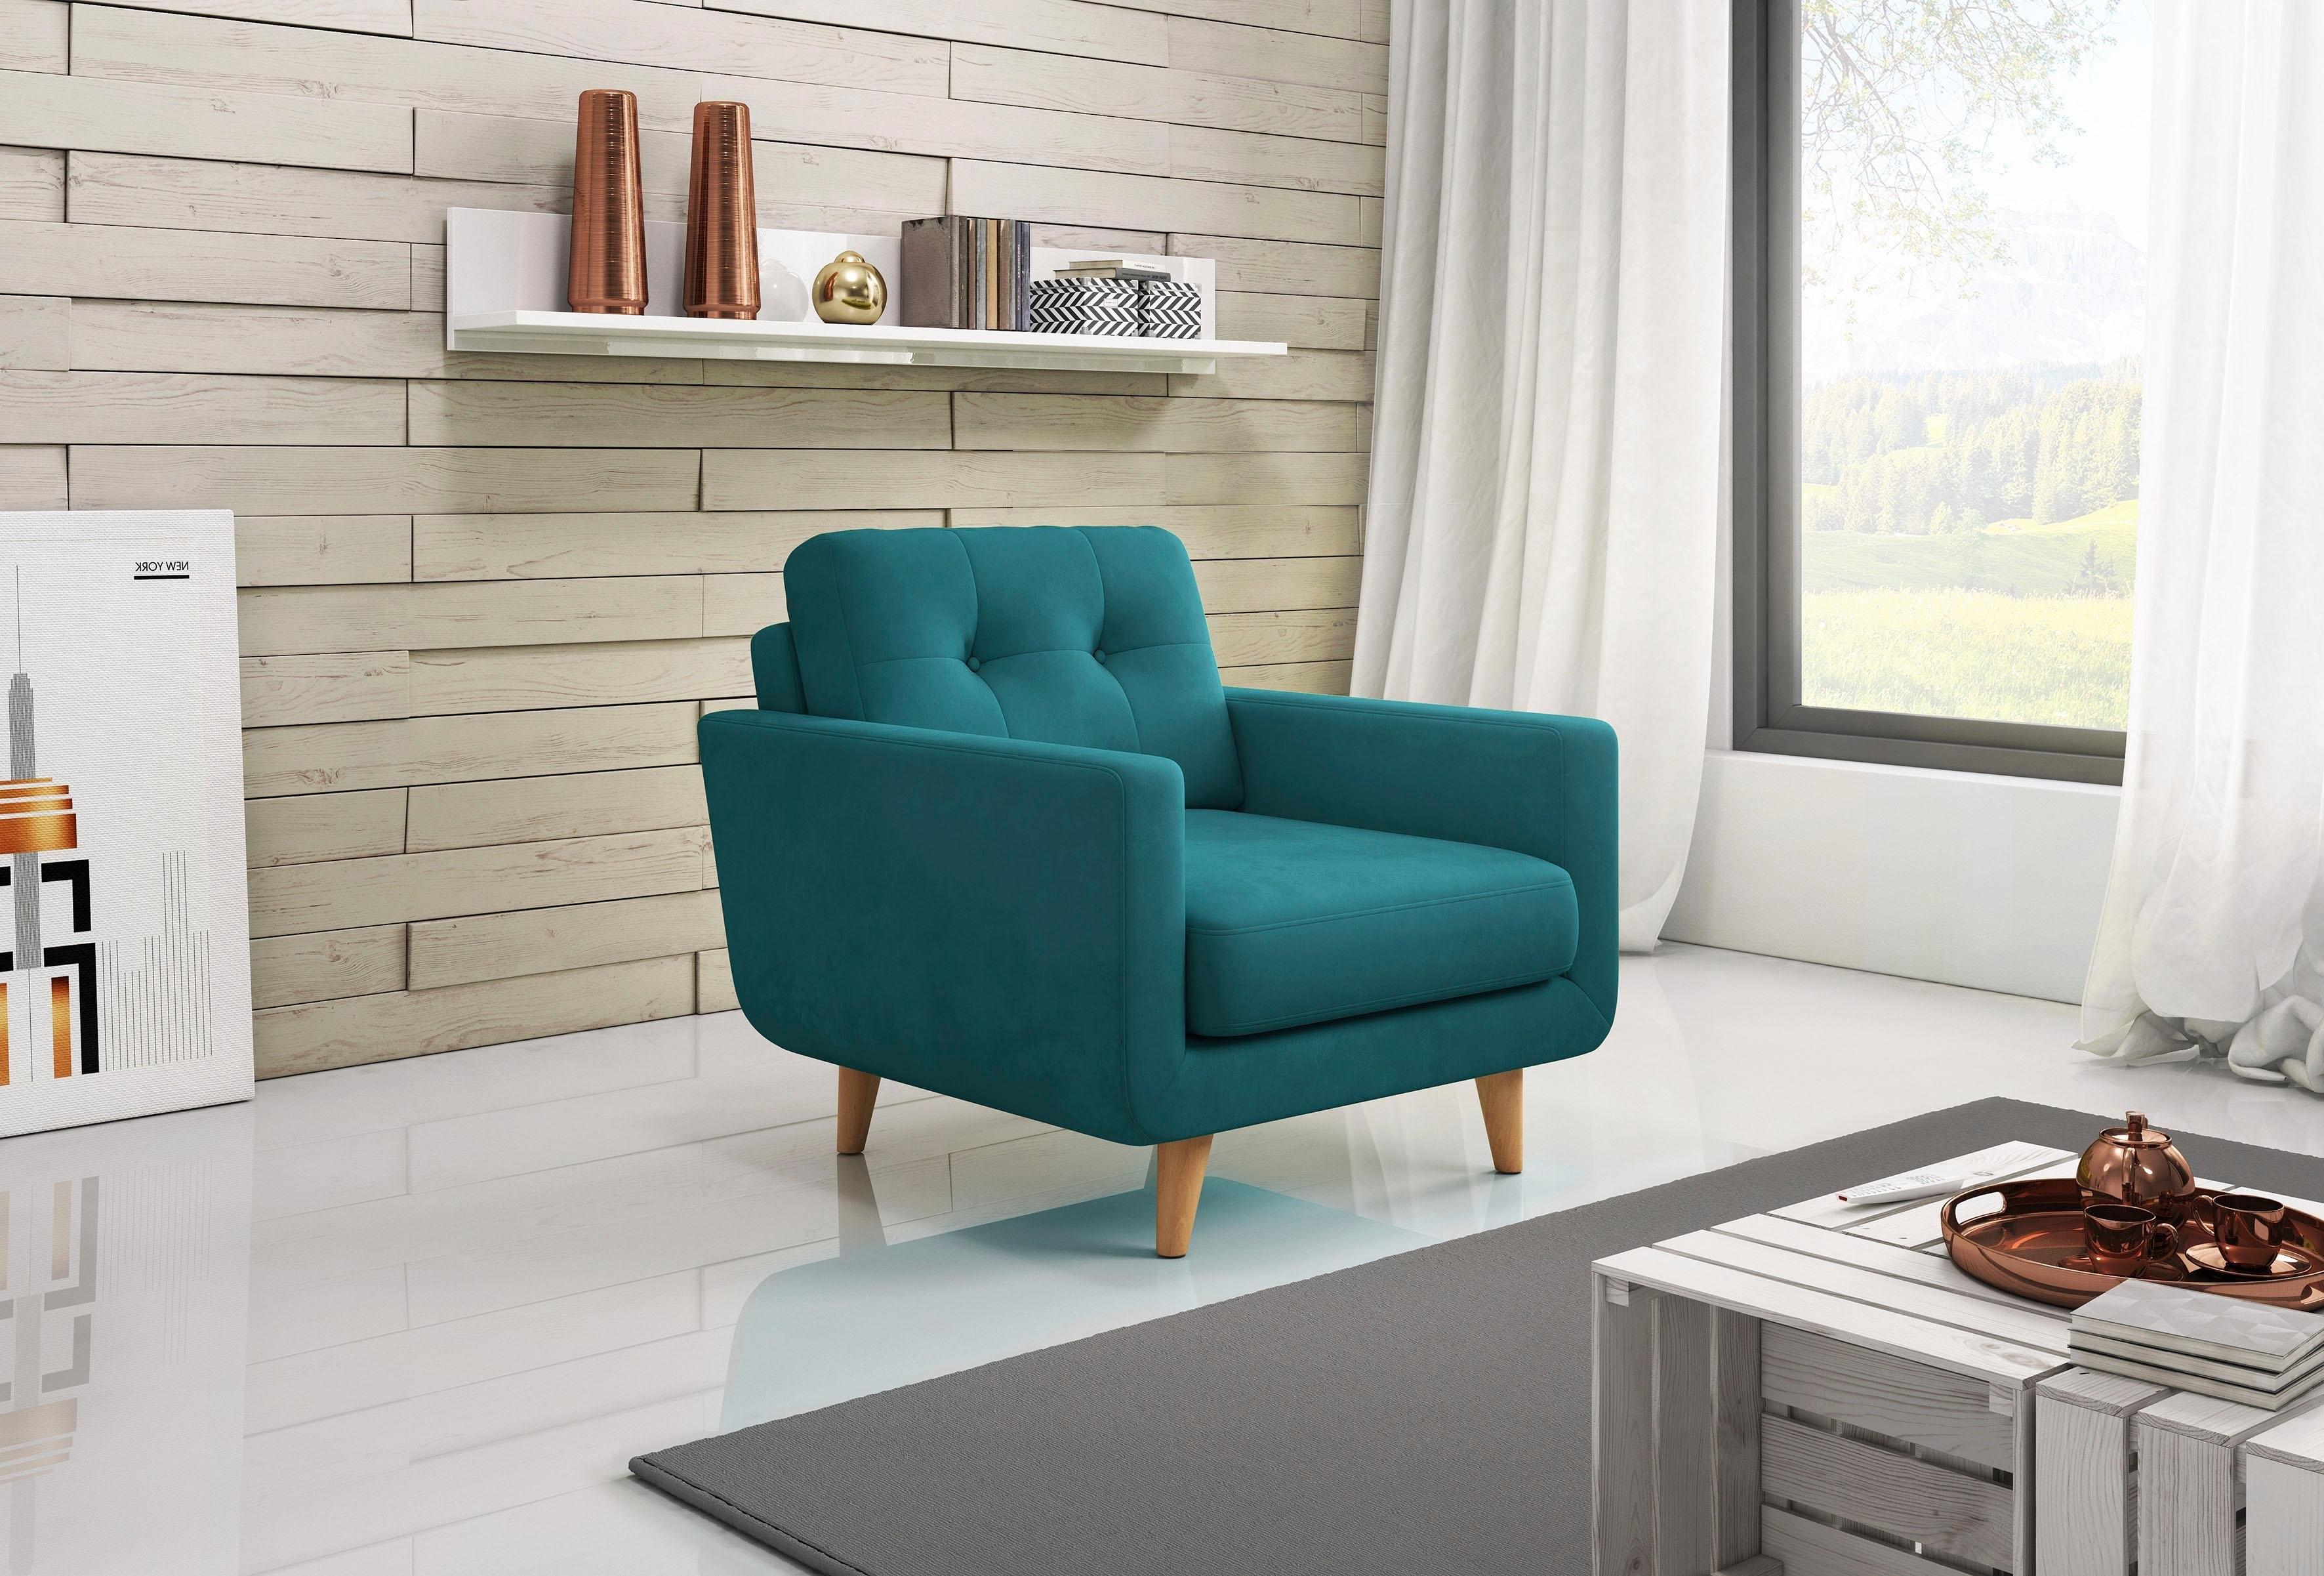 Op zoek naar een Inosign fauteuil in verschillende kleuren? Koop online bij OTTO